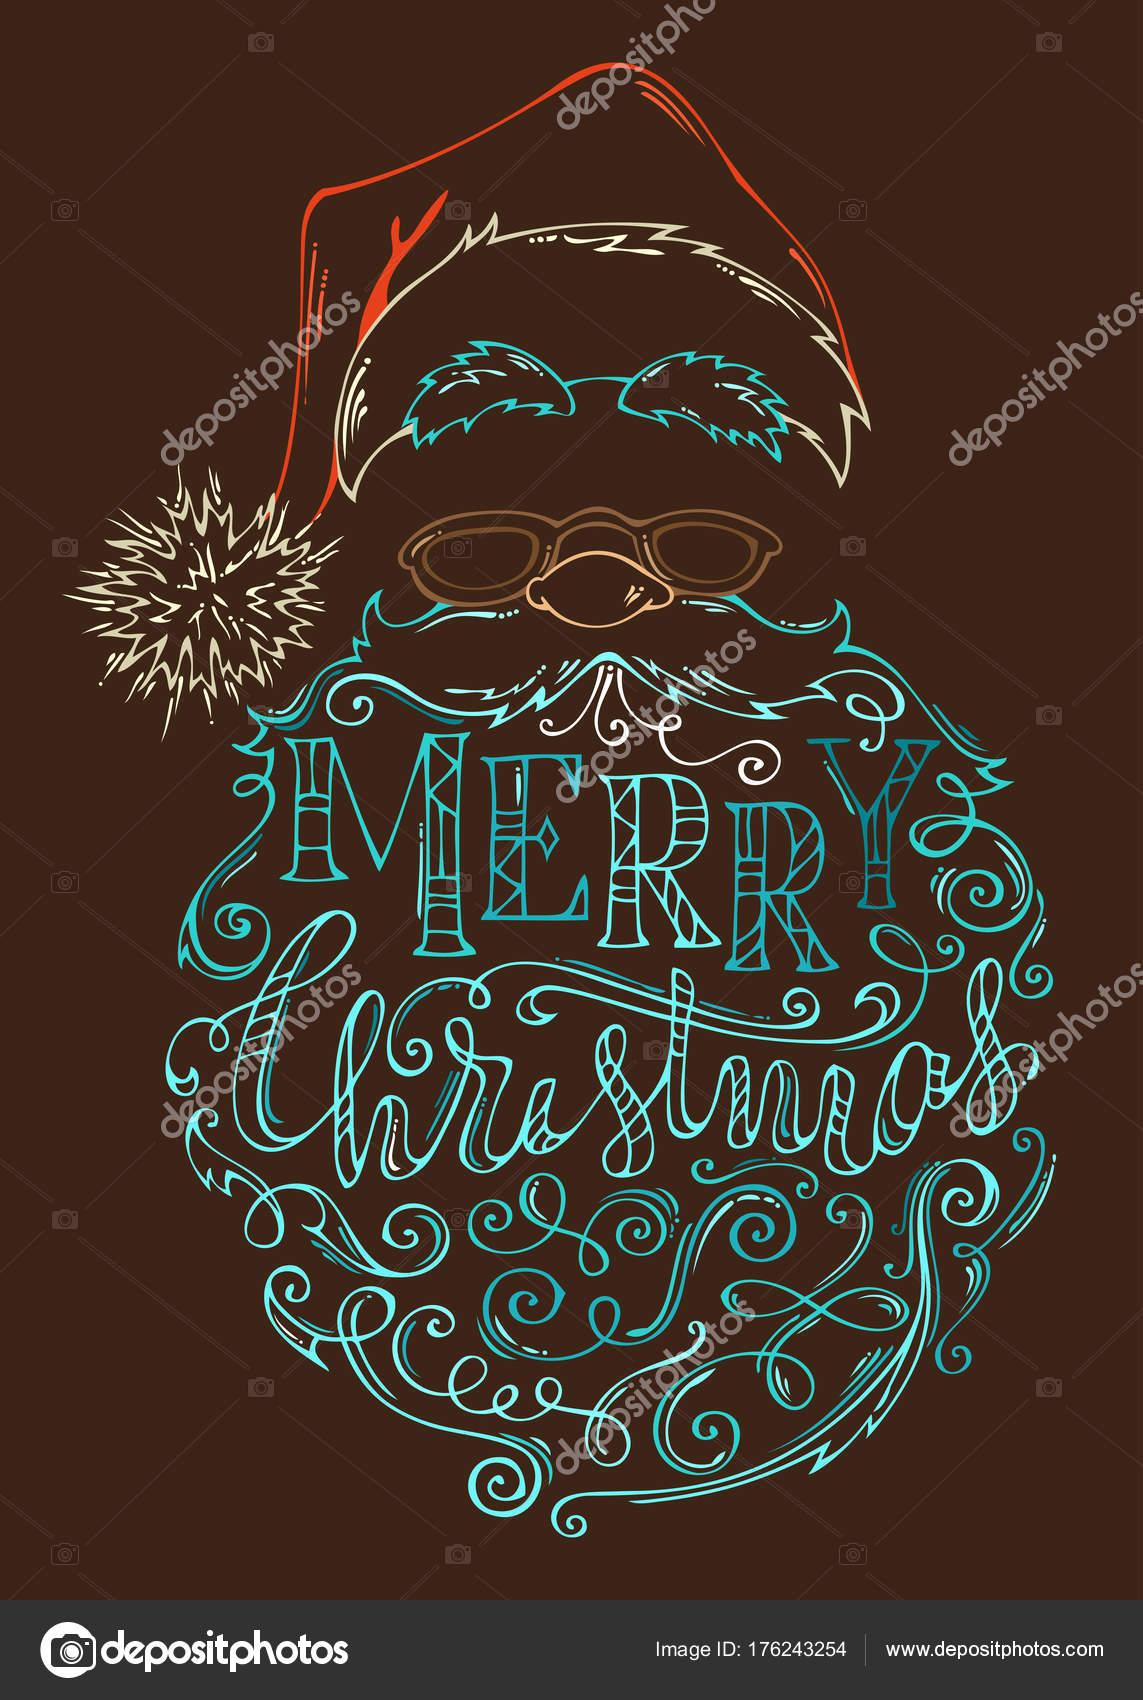 Disegnato a mano colorato contorno del viso di Babbo Natale su fondo  marrone scuro. Cappello con pompon ec524ced28d8